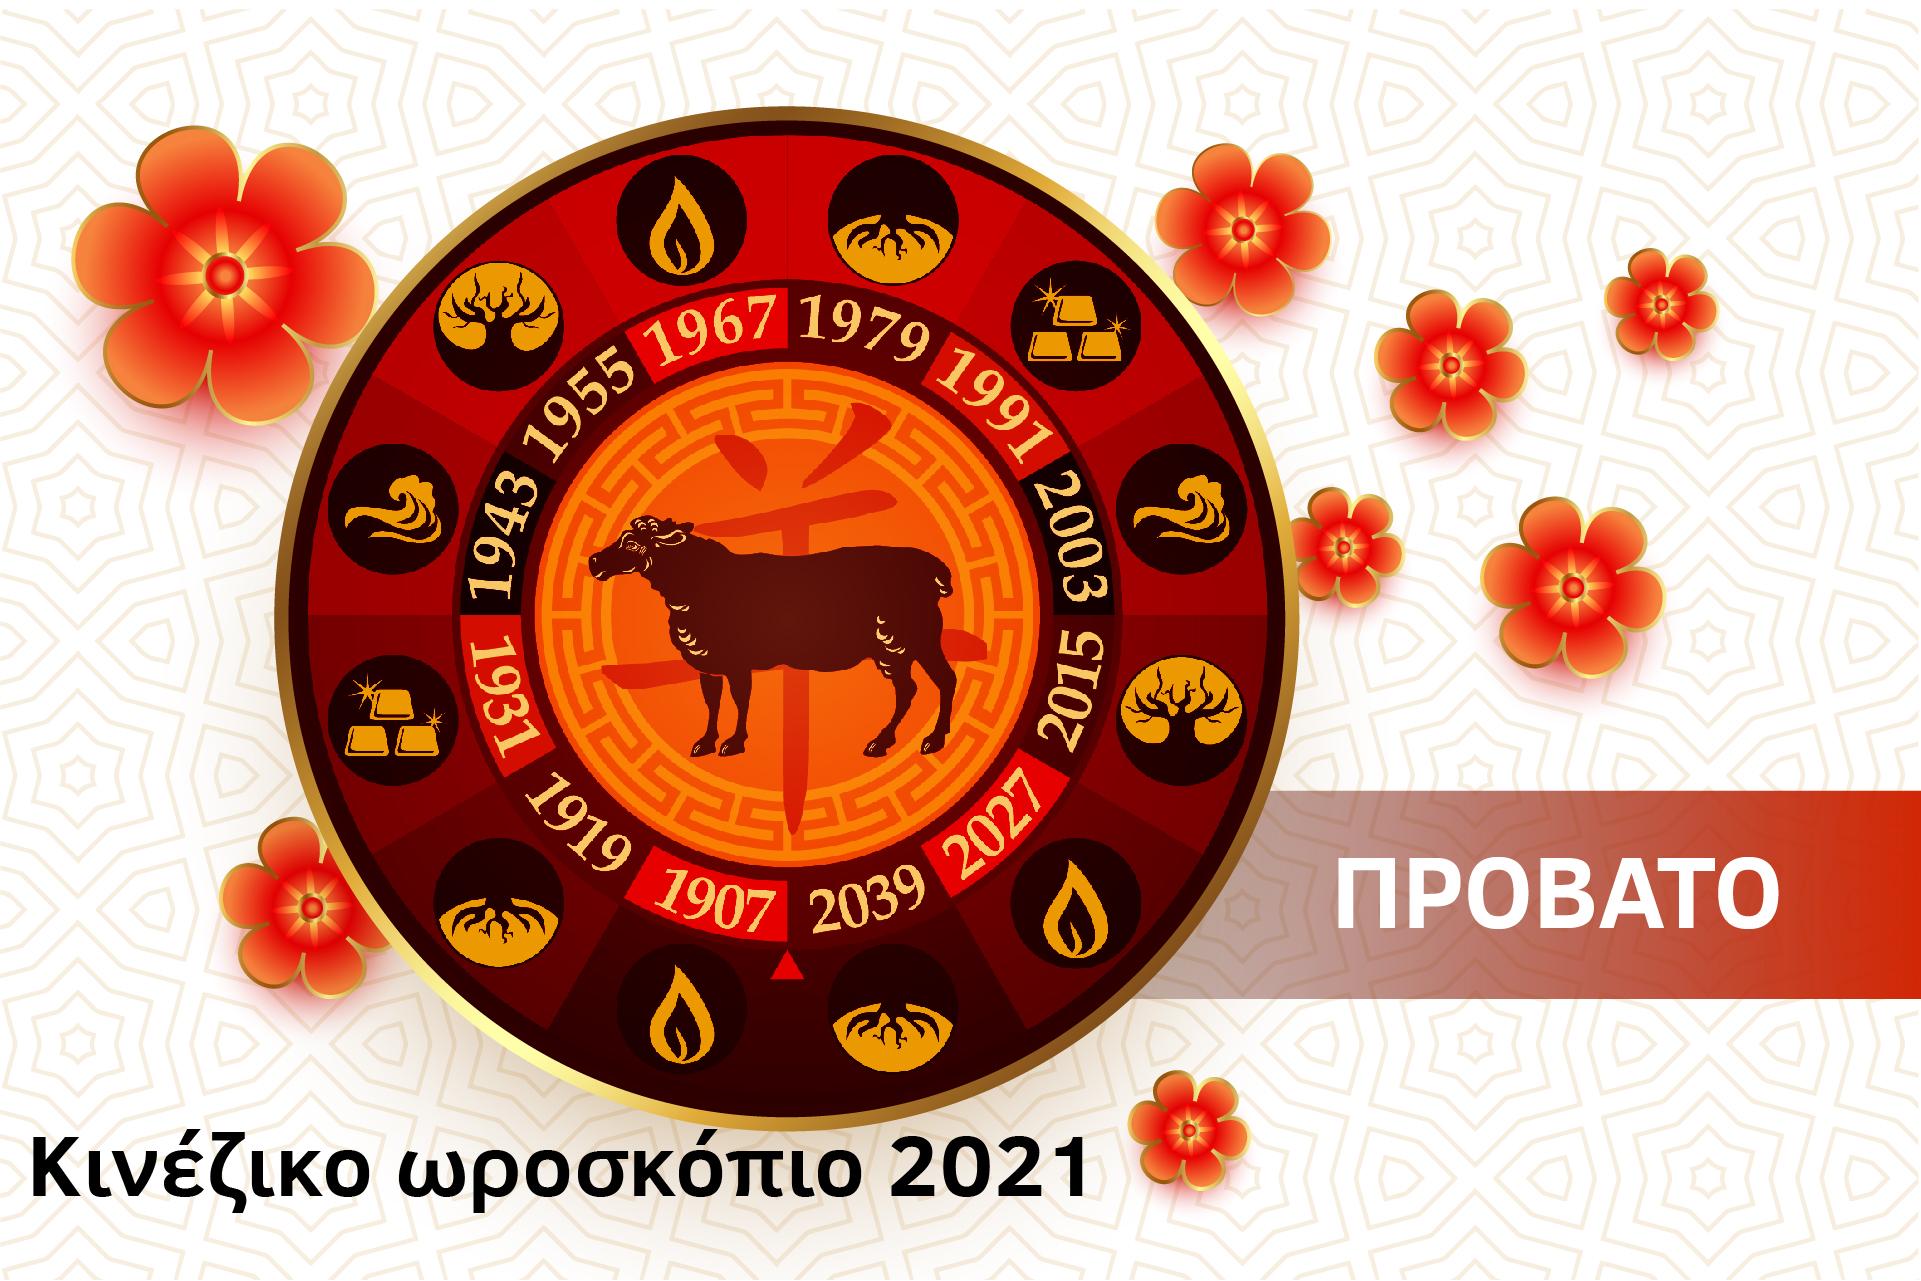 Πρόβατο 2021 – Κινέζικο Ωροσκόπιο